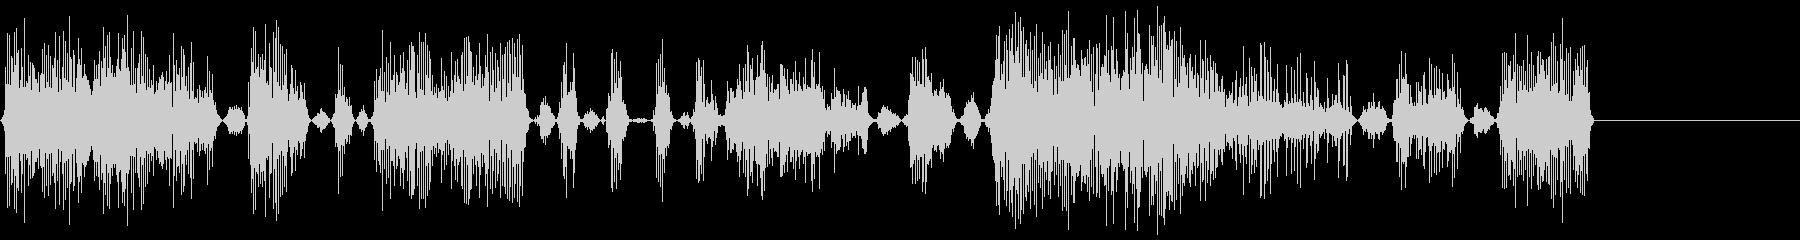 モンスターアングリー2の未再生の波形